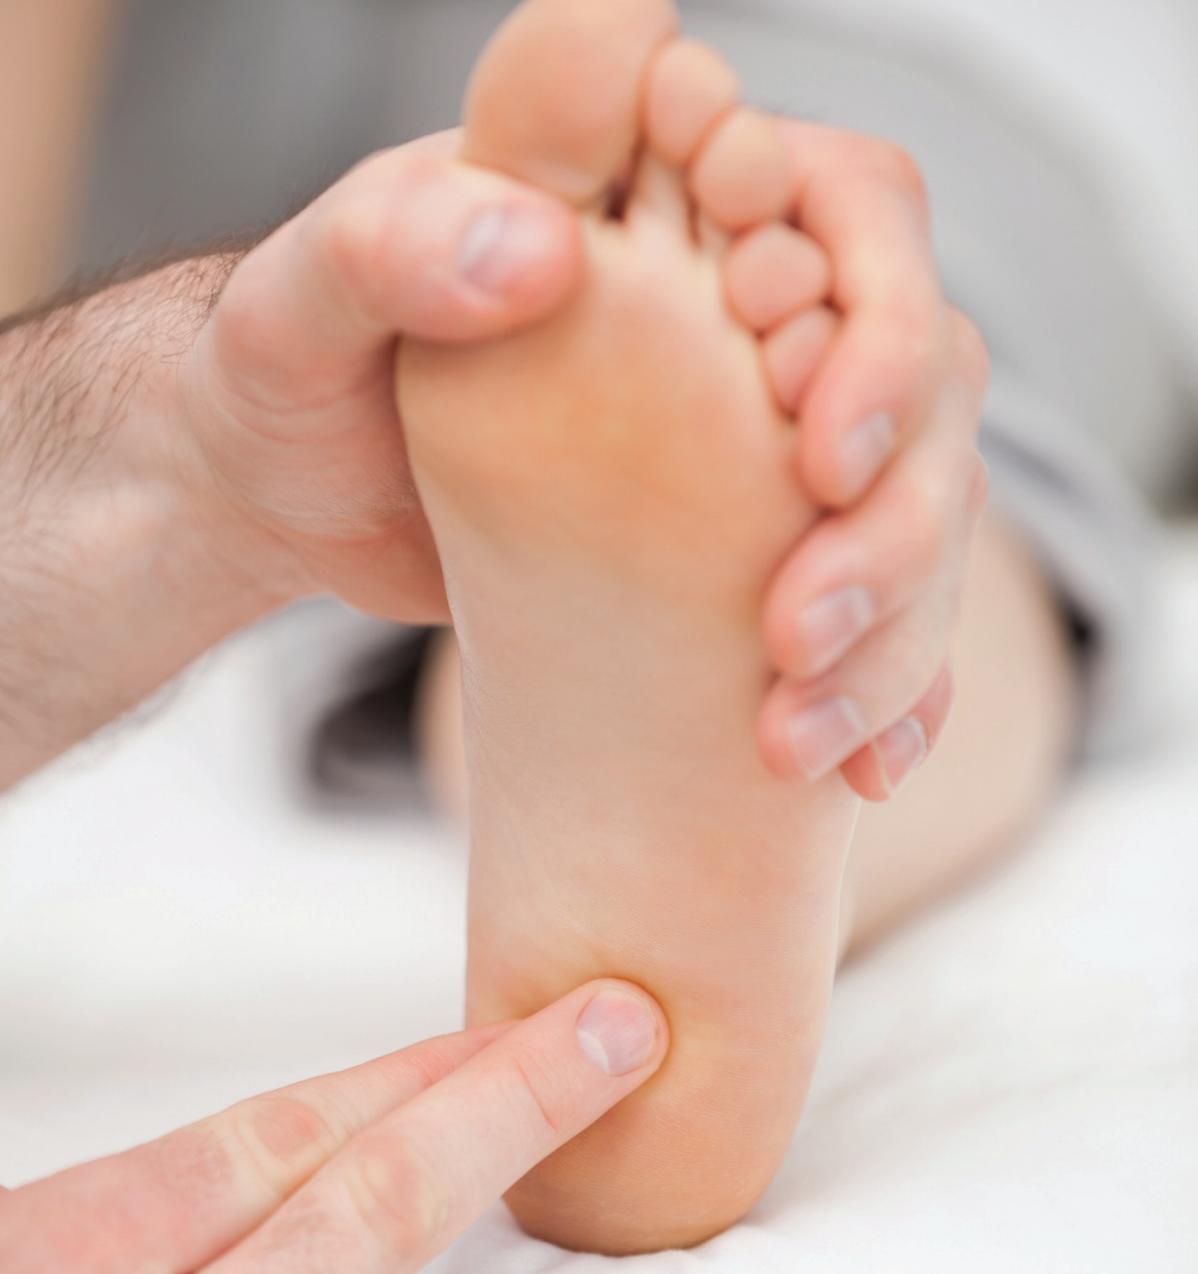 Palpate the plantar heel to reproduce symptoms of plantar heel pain